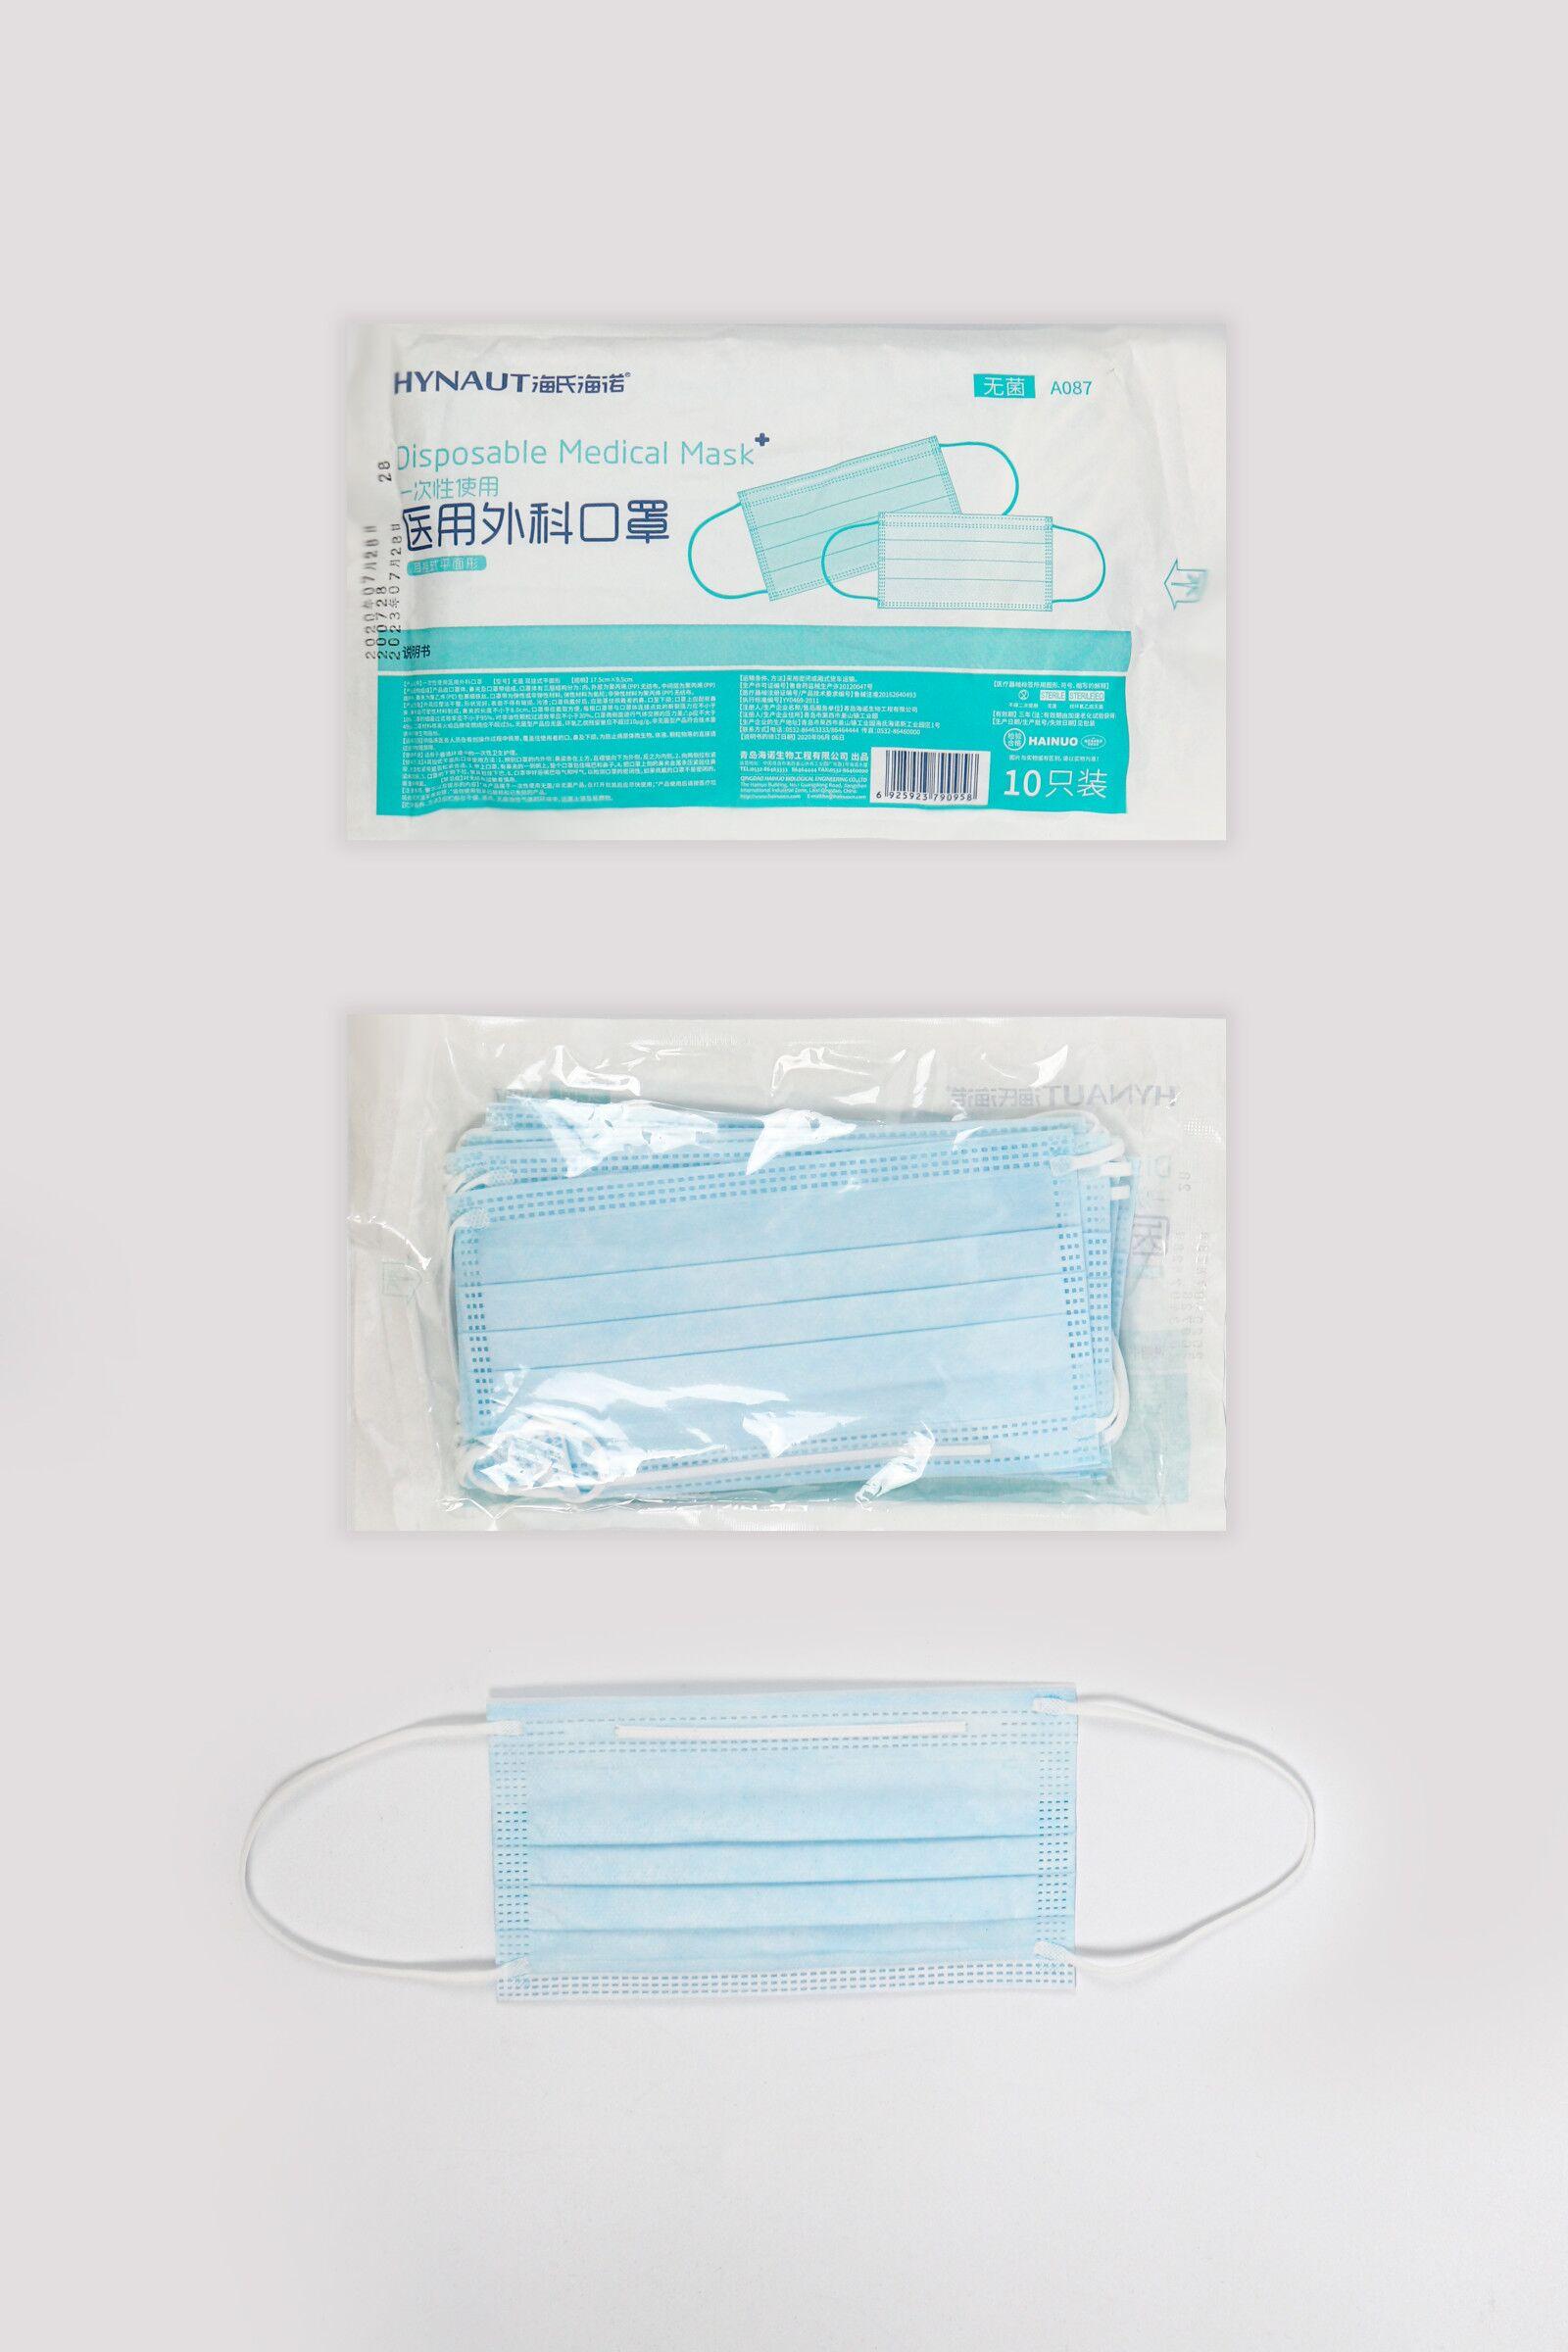 一次性使用醫用外科口罩